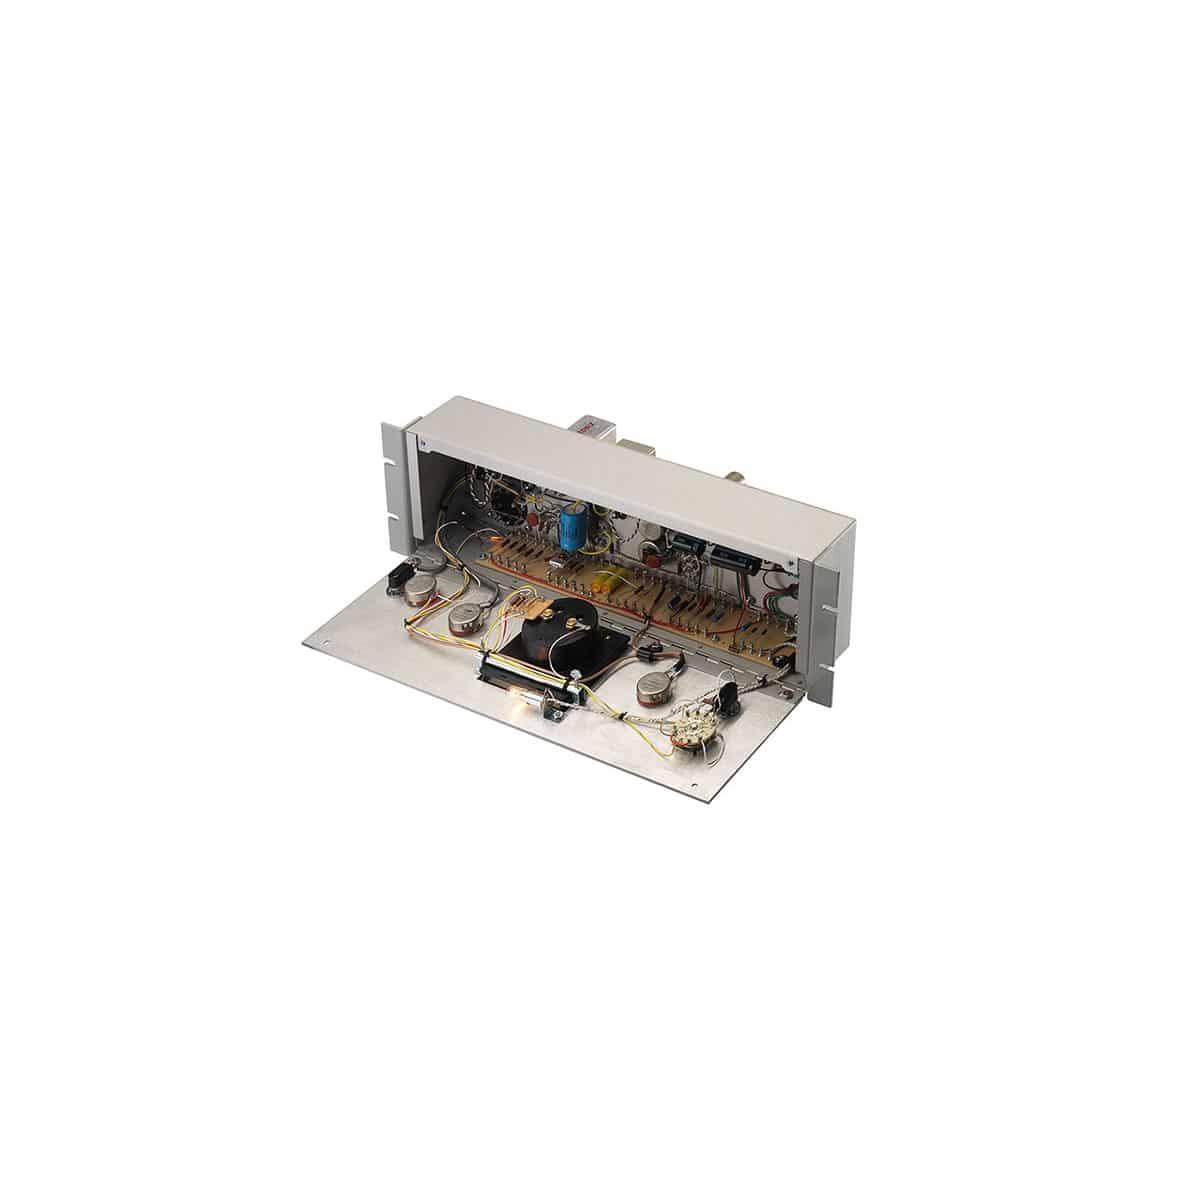 Teletronix Universal Audio LA2A 03 Strumentazioni Pro Audio per studi di registrazione, Outboard professionale analogico, Compressori analogici per il tuo studio di registrazione